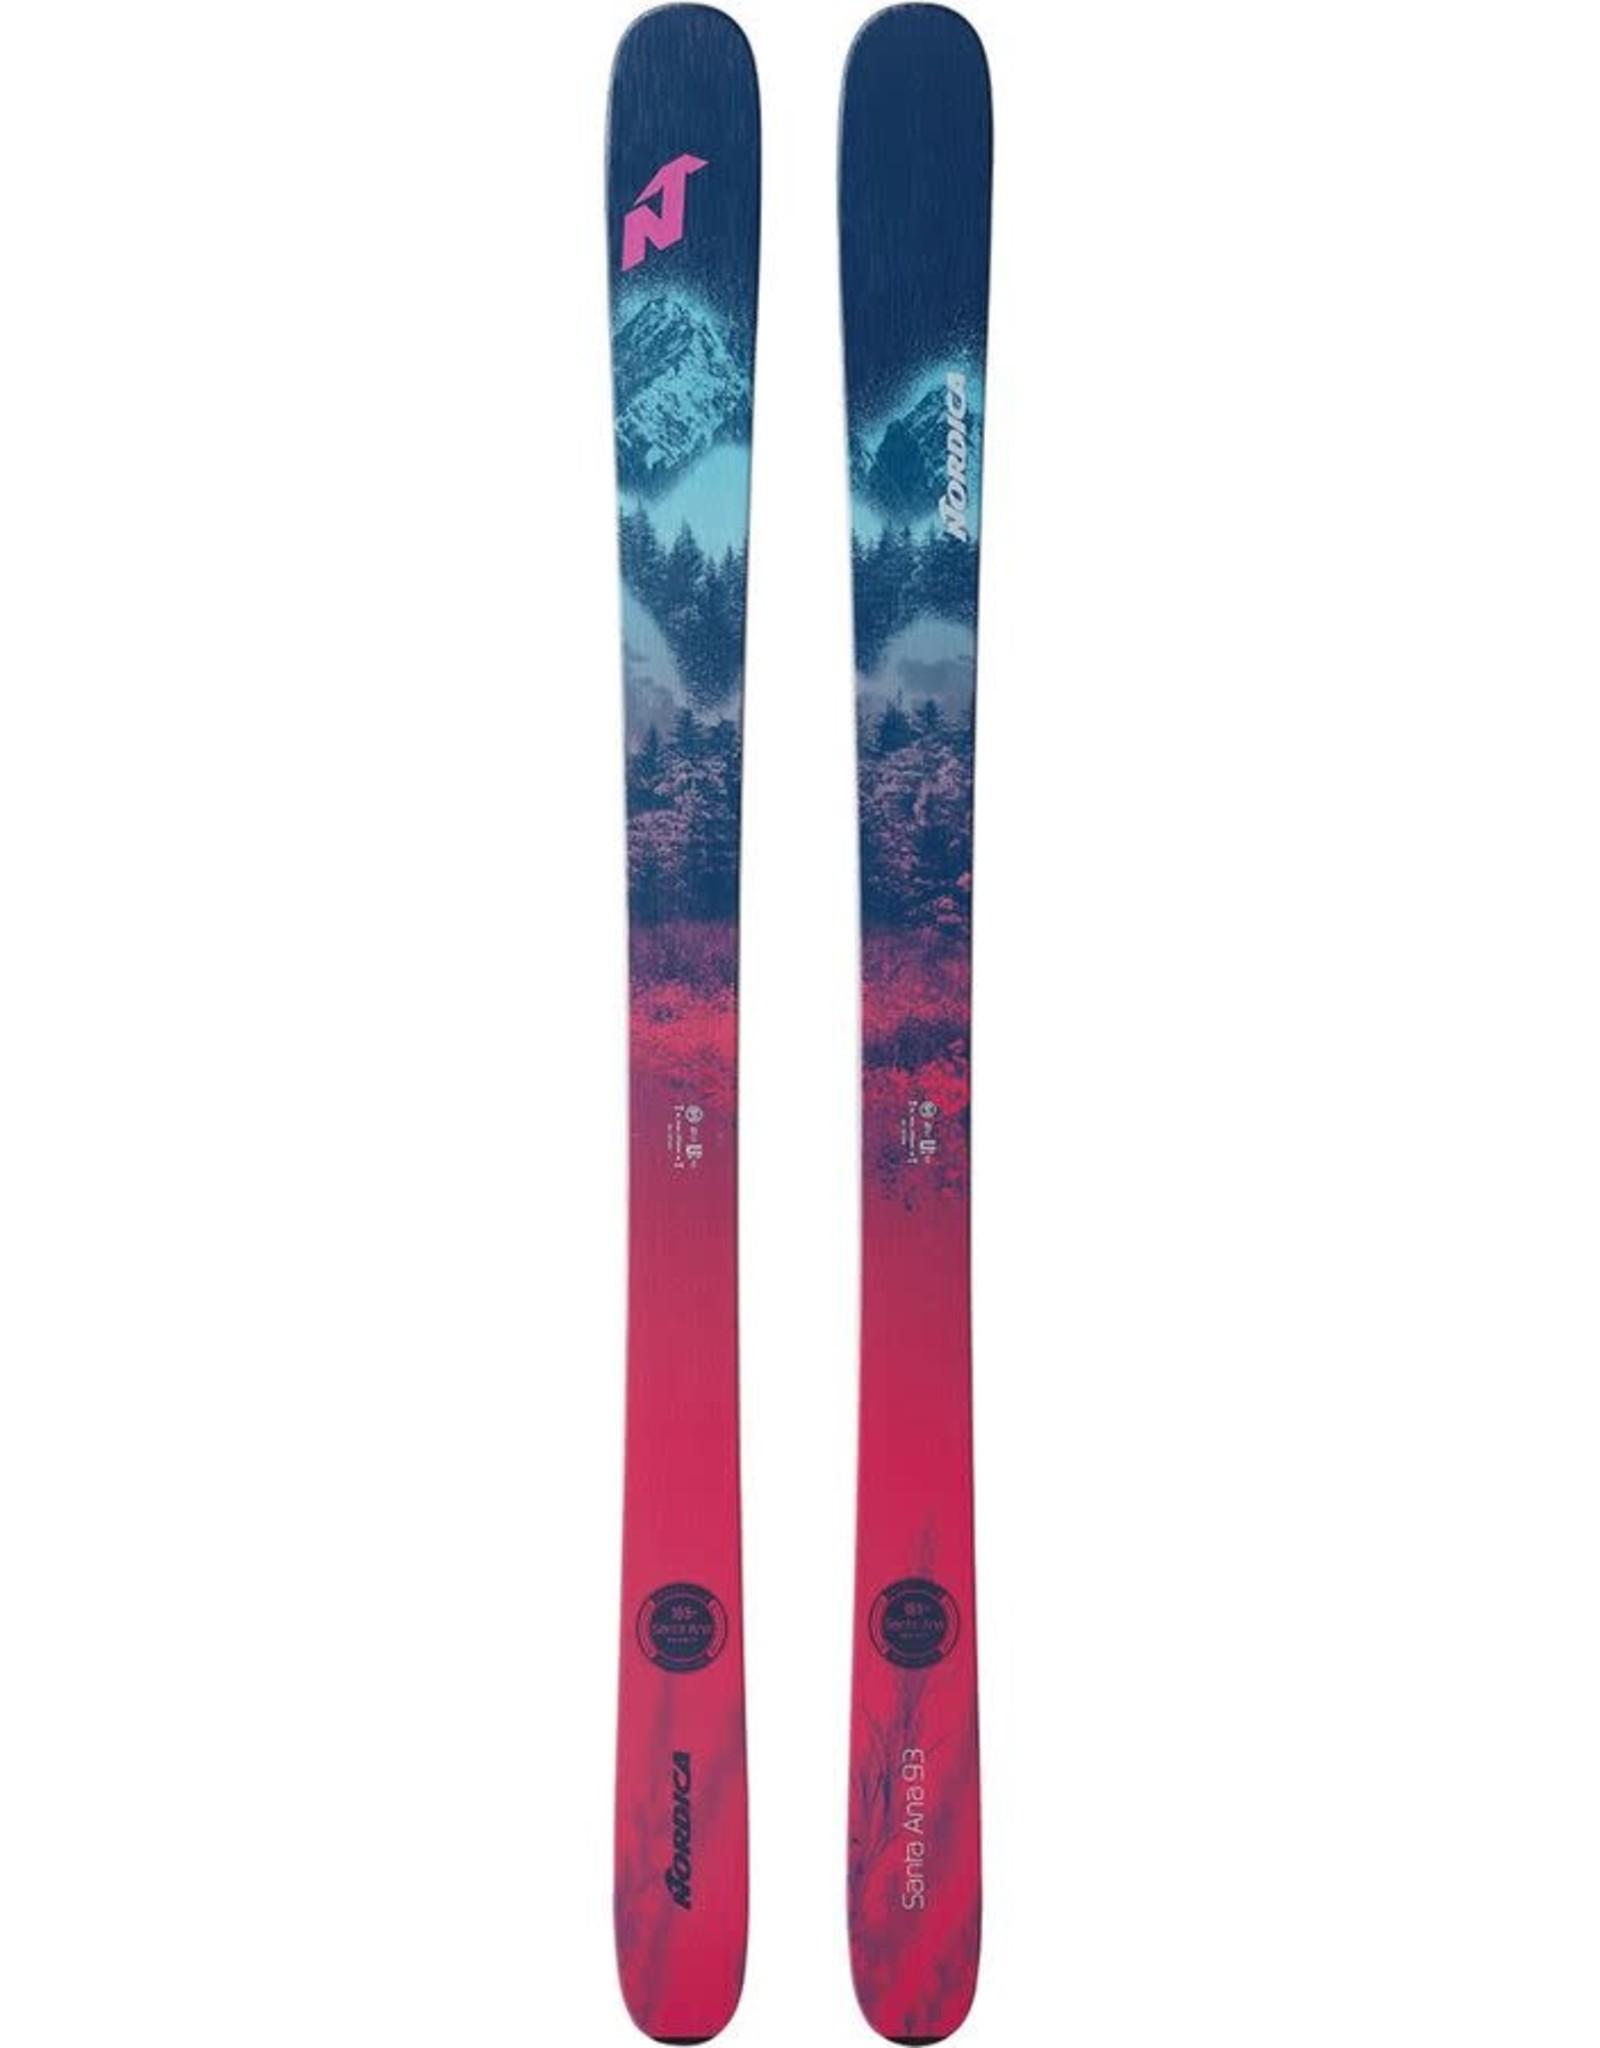 NORDICA NORDICA Skis SANTA ANA 93 (20/21)